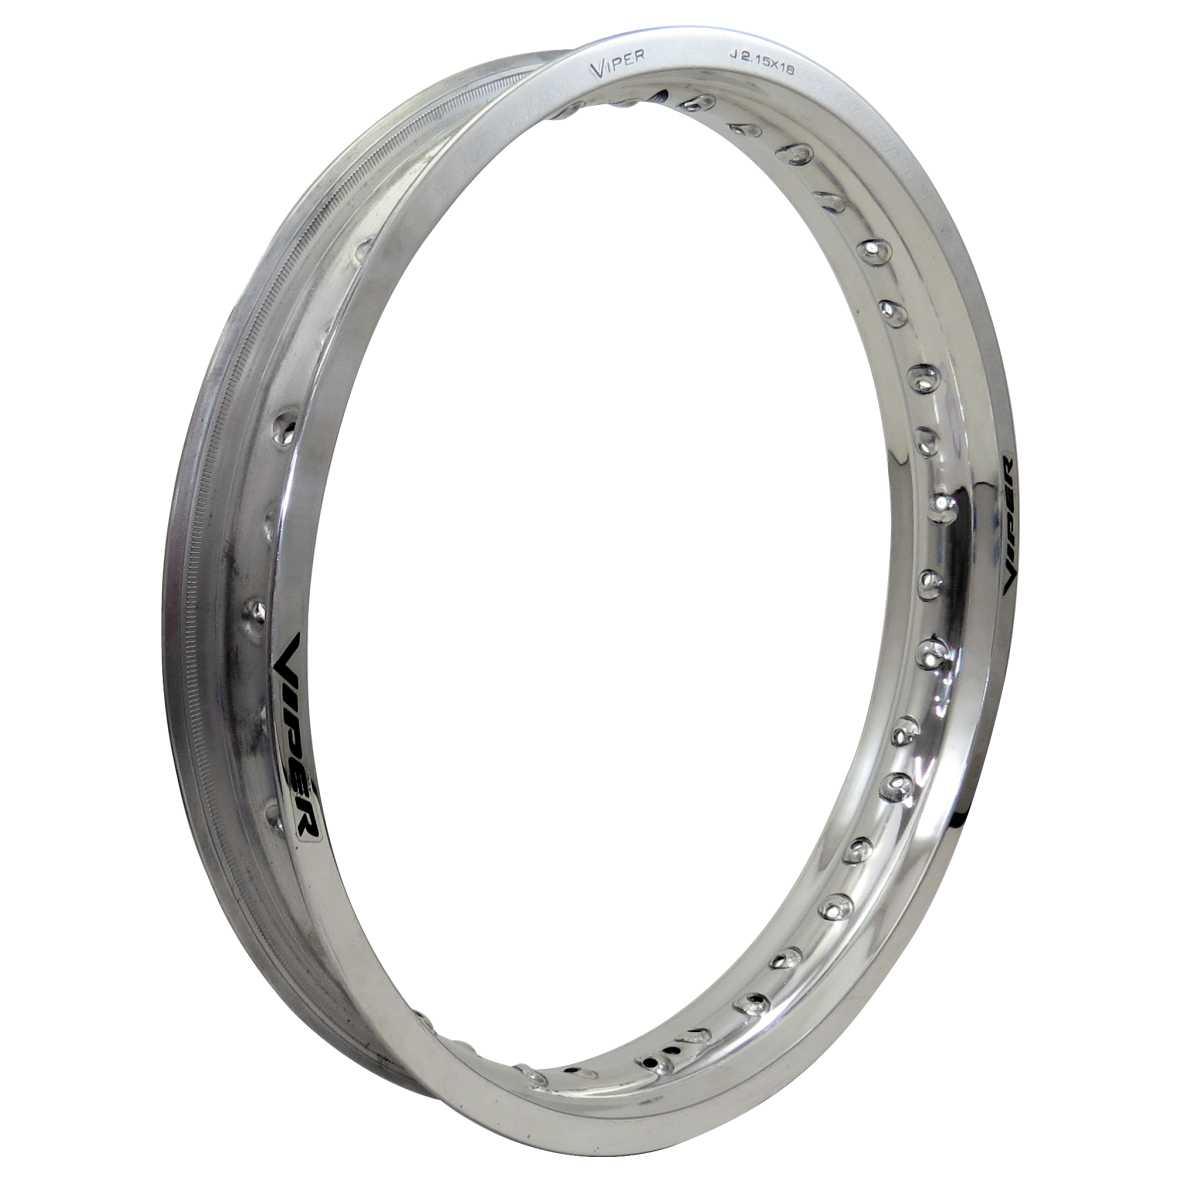 Aro Aluminio Traseiro 215X18 Prata